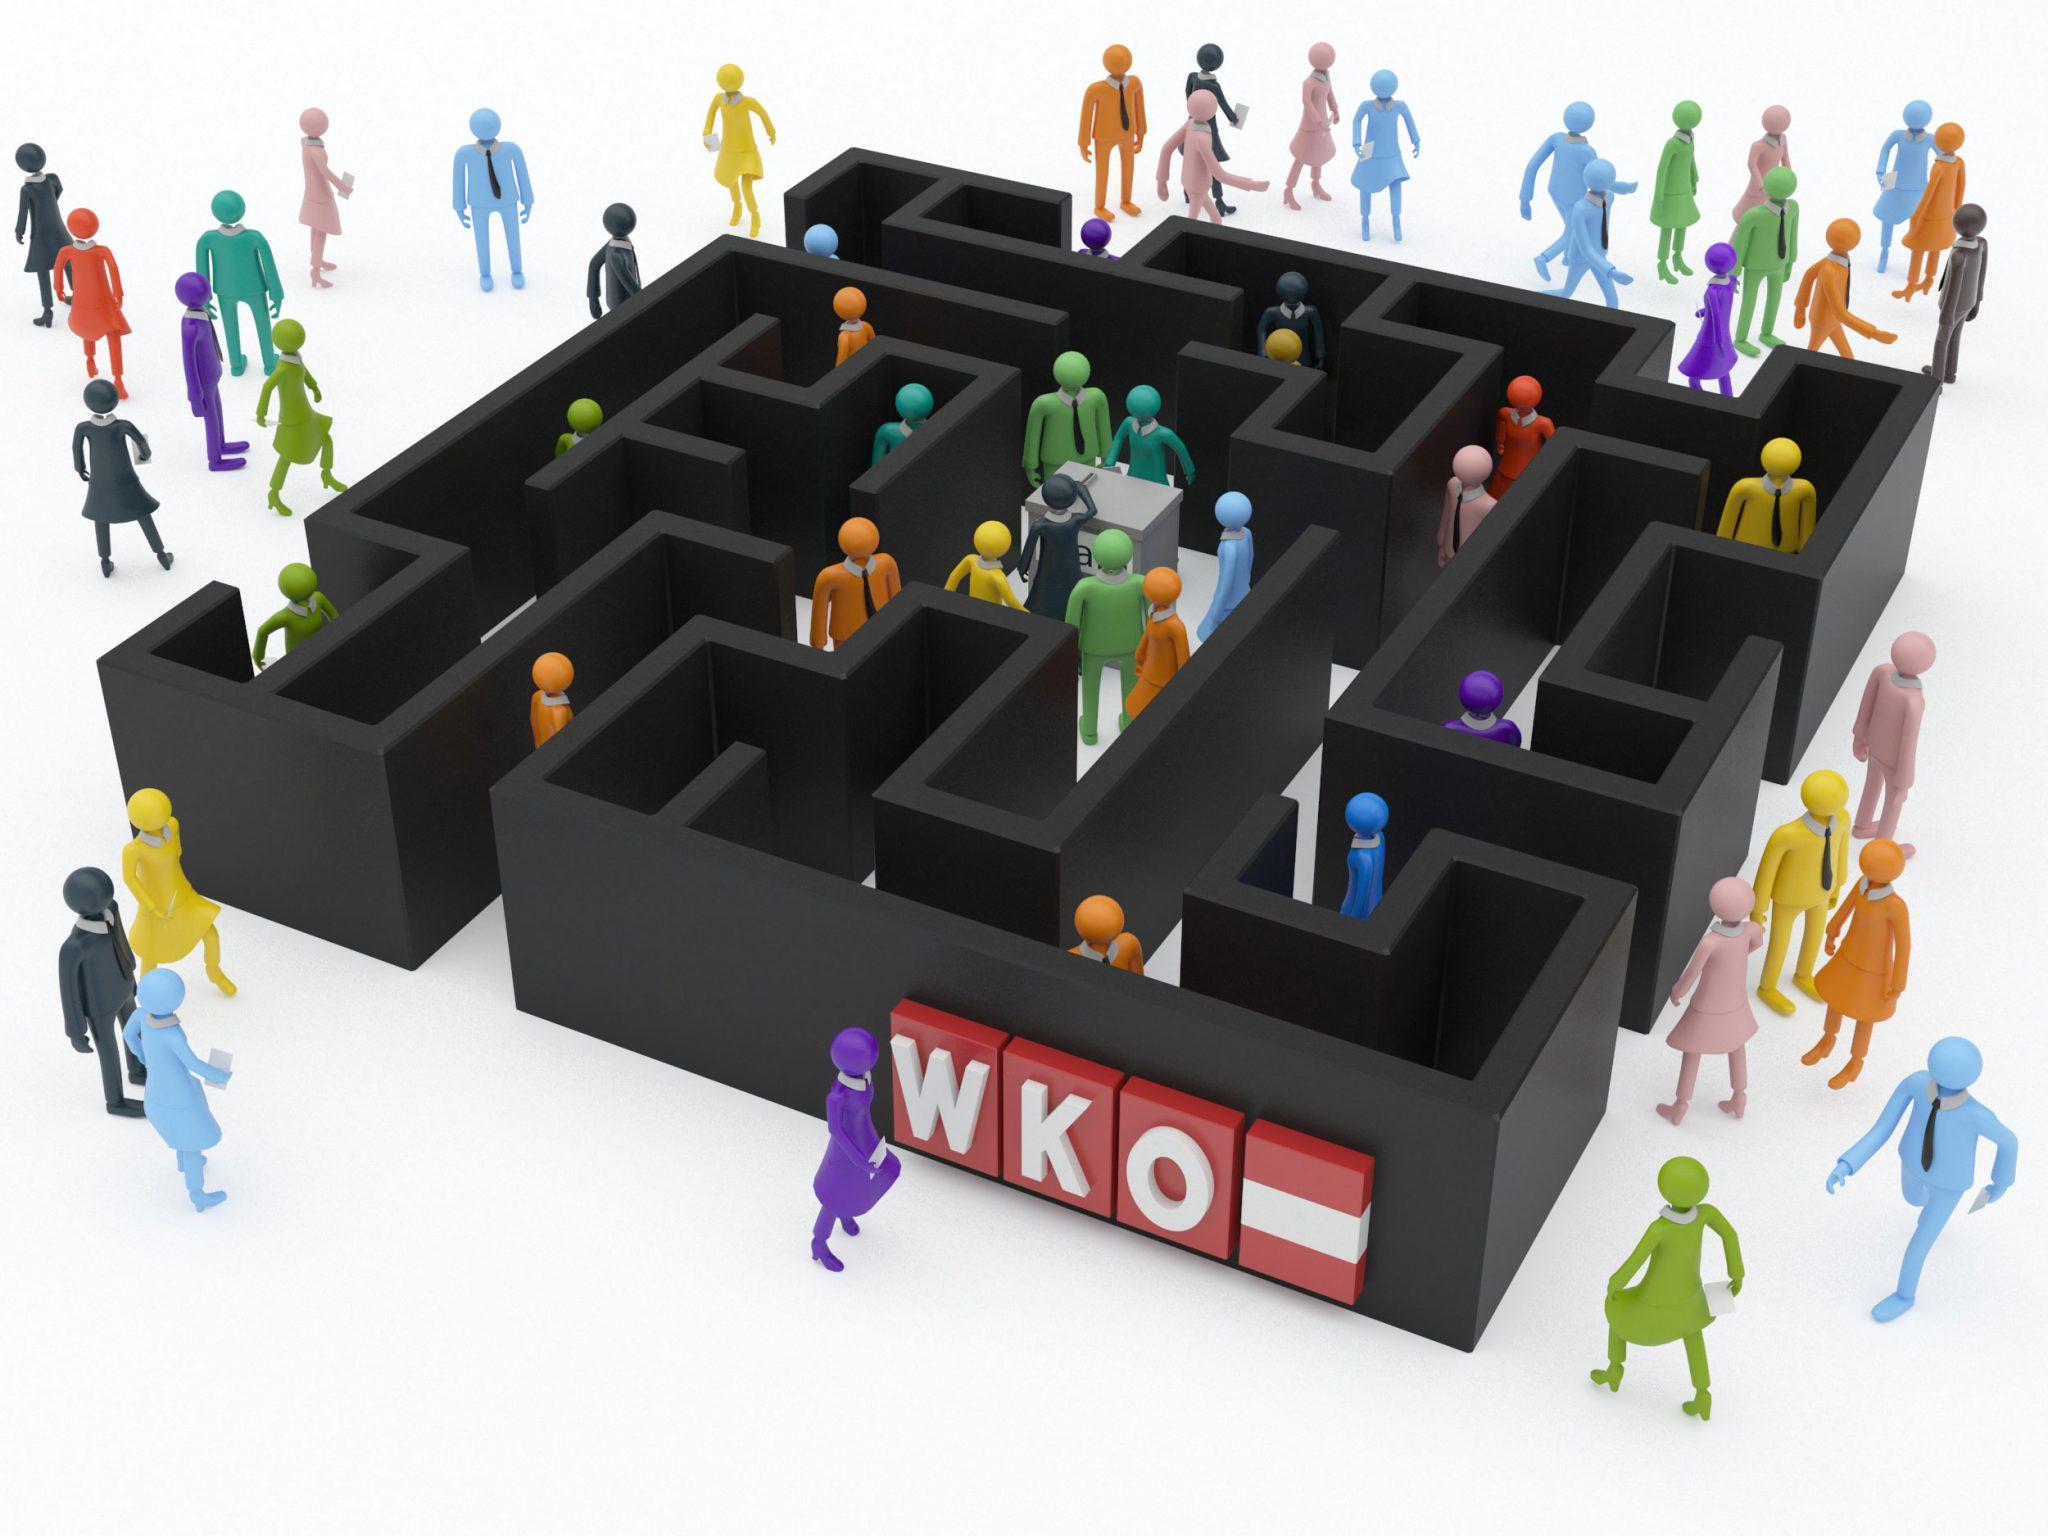 Wirtschaftskammerwahlrecht – Folge 6: Wer hat, dem wird gegeben! Ein Kommentar von Benjamin Kloiber.